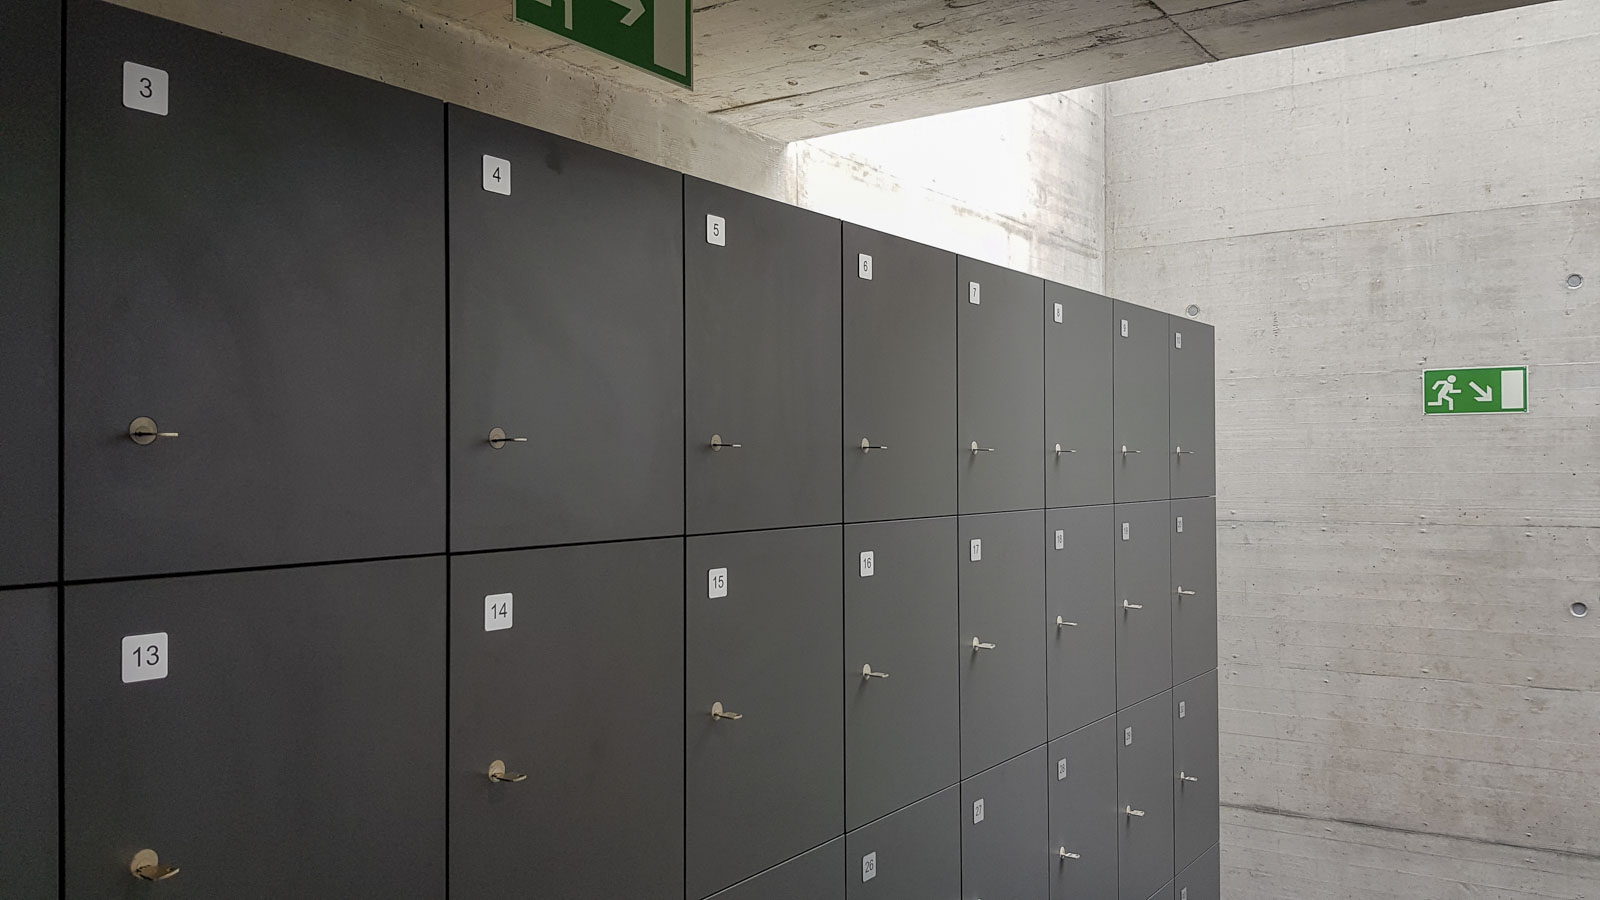 Wooddesign_öffentliche Bauten_Uni Freiburg_Möbel_Rollkorpus_Lehrerpult_Schliessfächer_Aula_Arbeitstische_Labor (12)